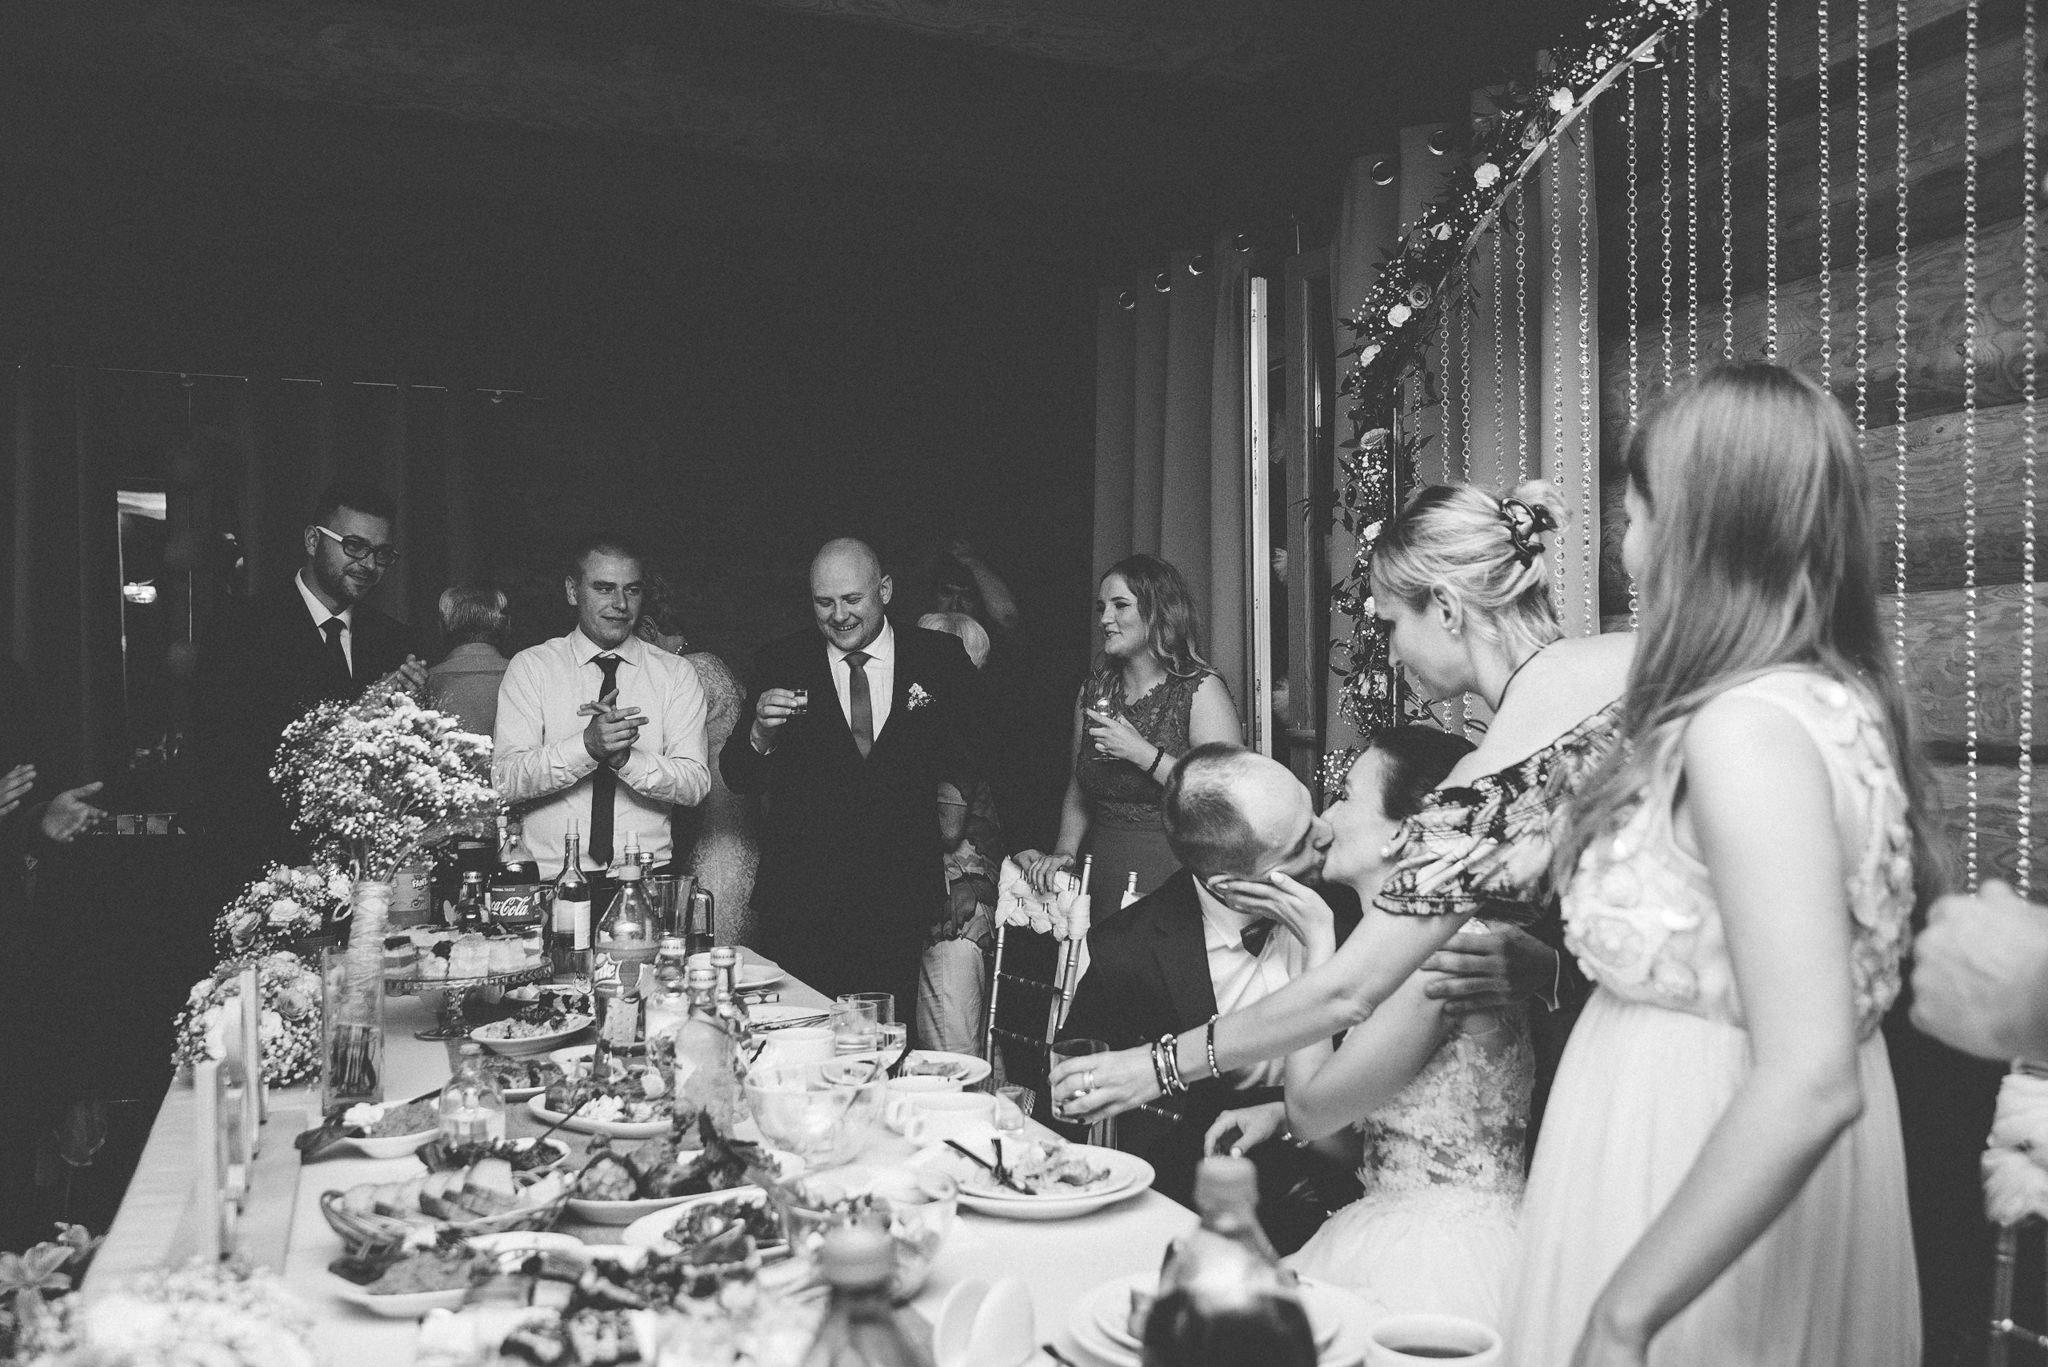 Ala i Arek, czyli jak zorganizować ślub i wesele w 4 tygodnie! 306